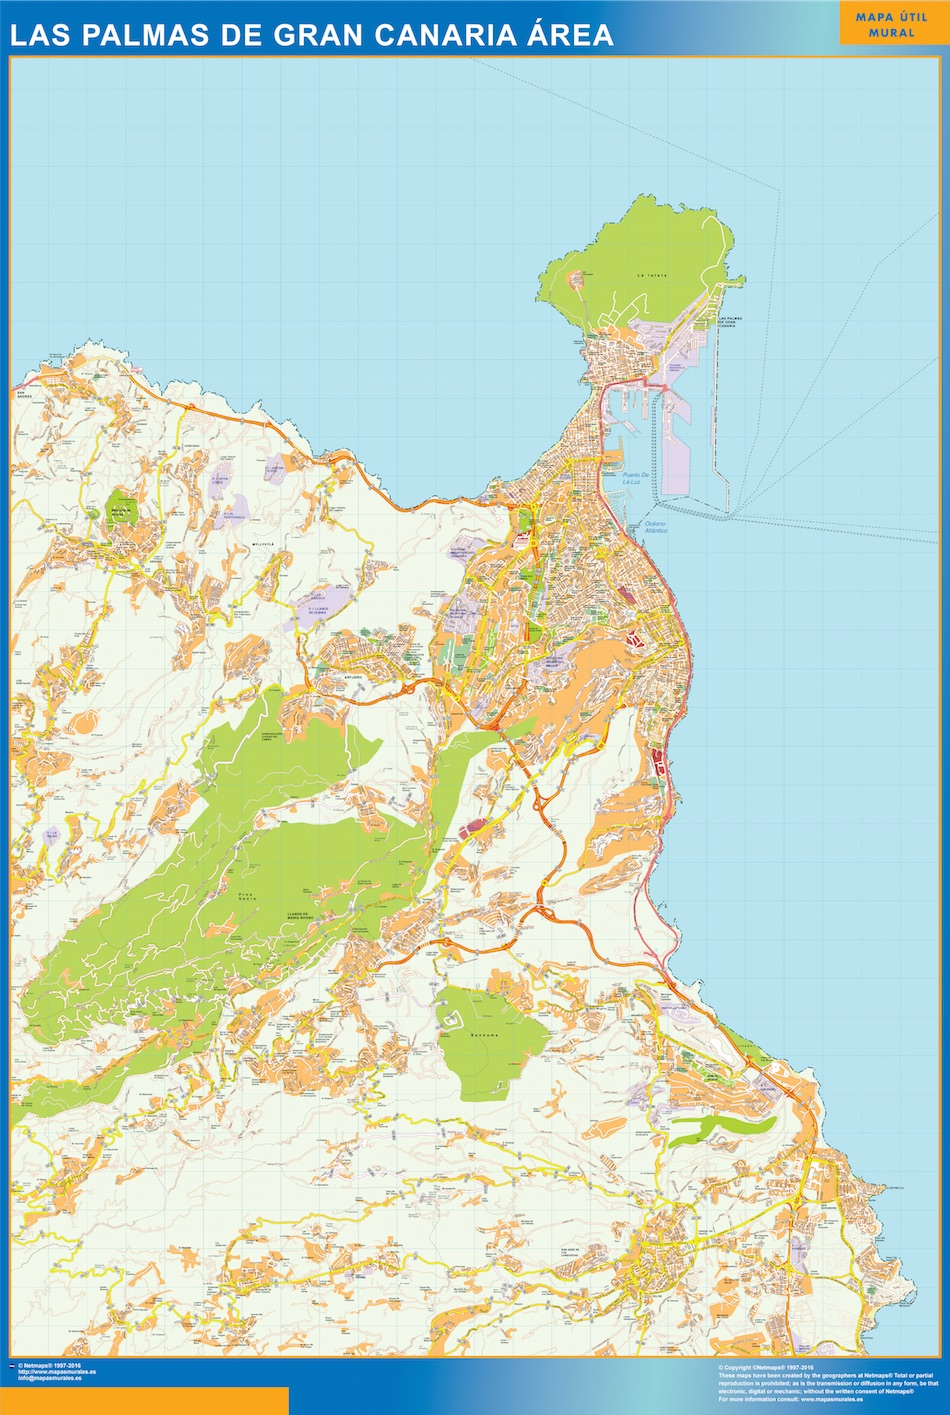 Mapa carreteras Las Palmas Gran Canaria Area plastificado gigante